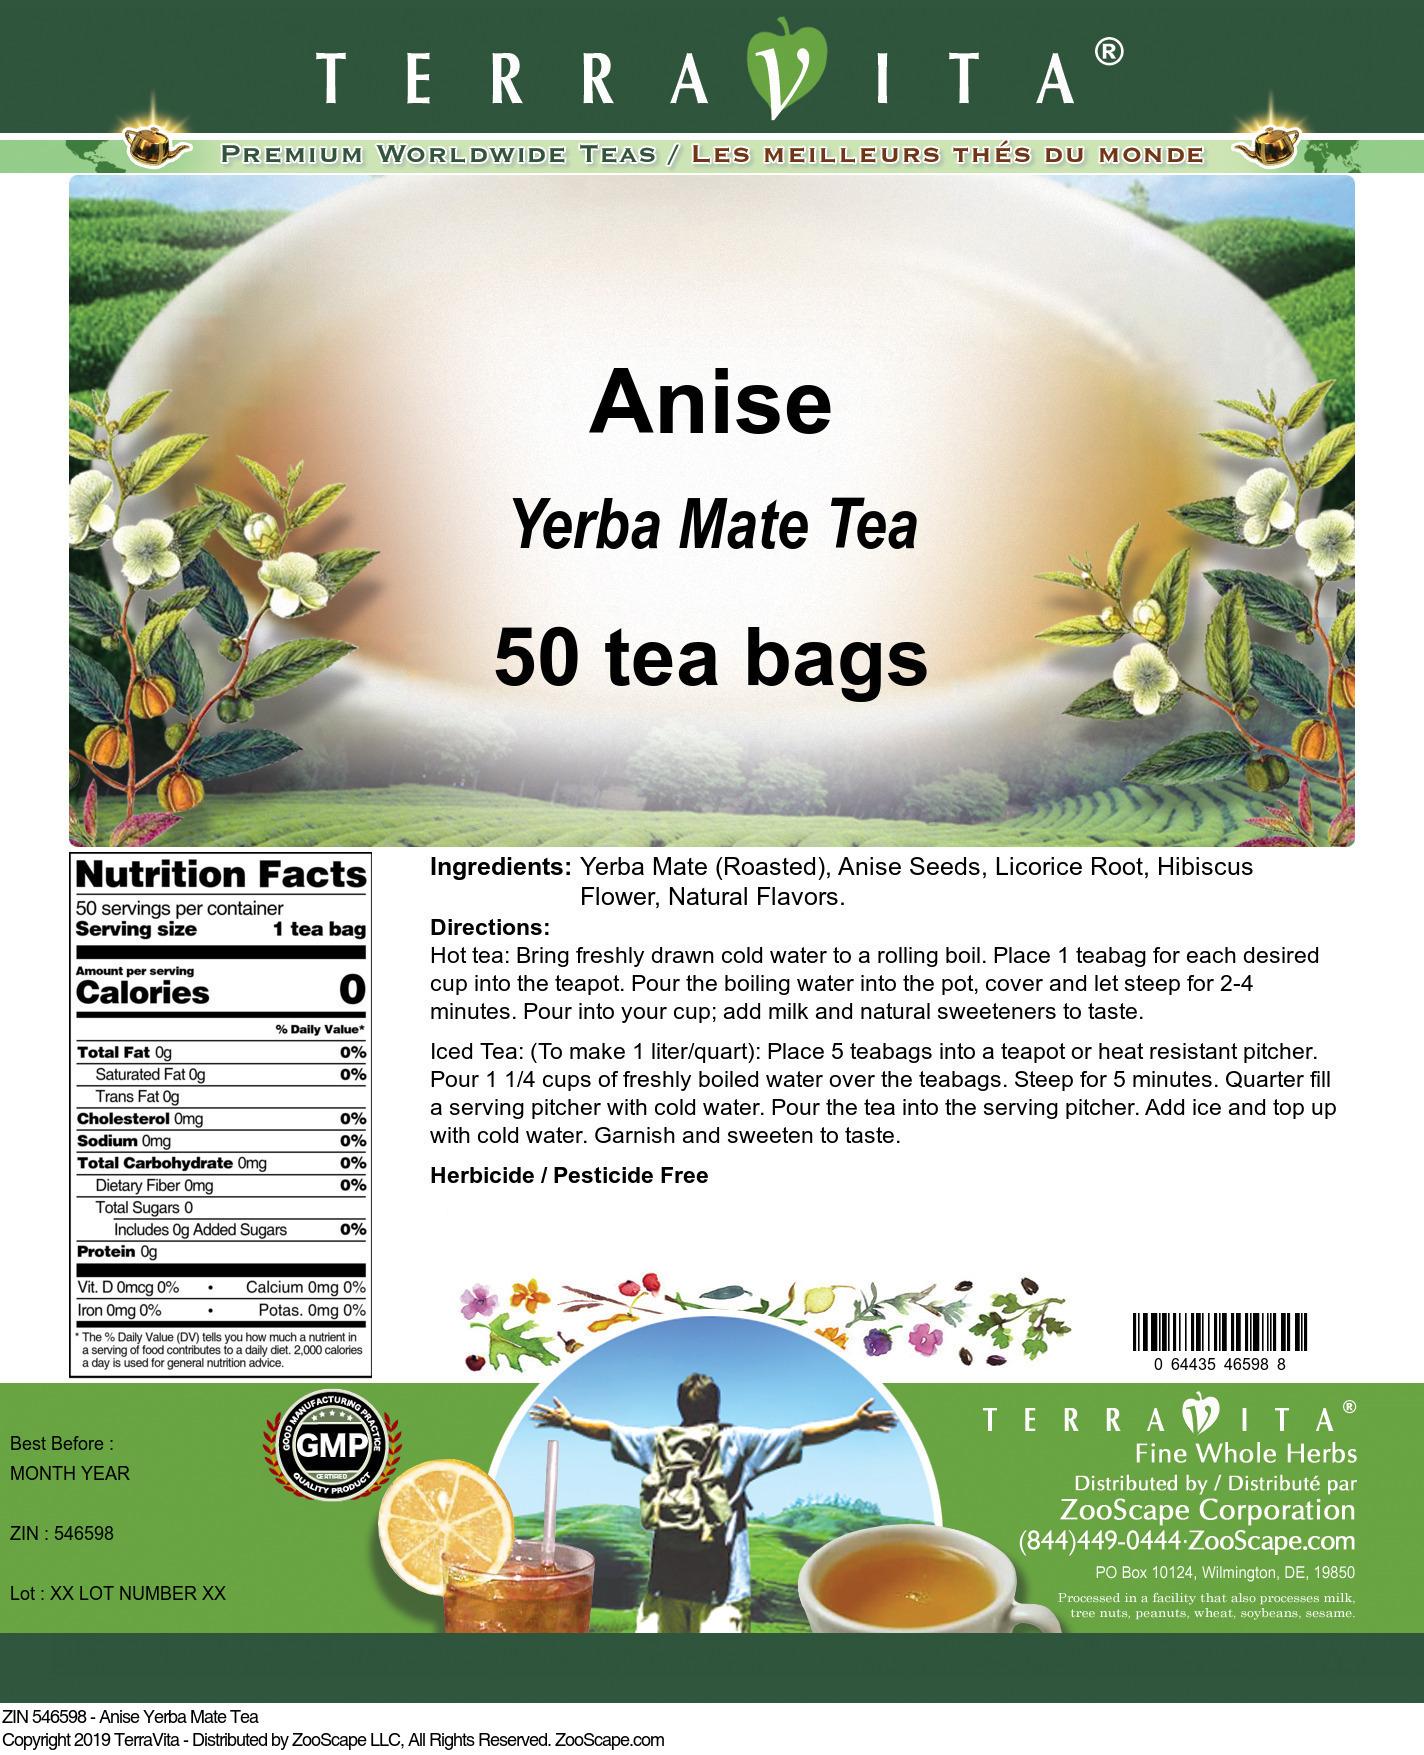 Anise Yerba Mate Tea